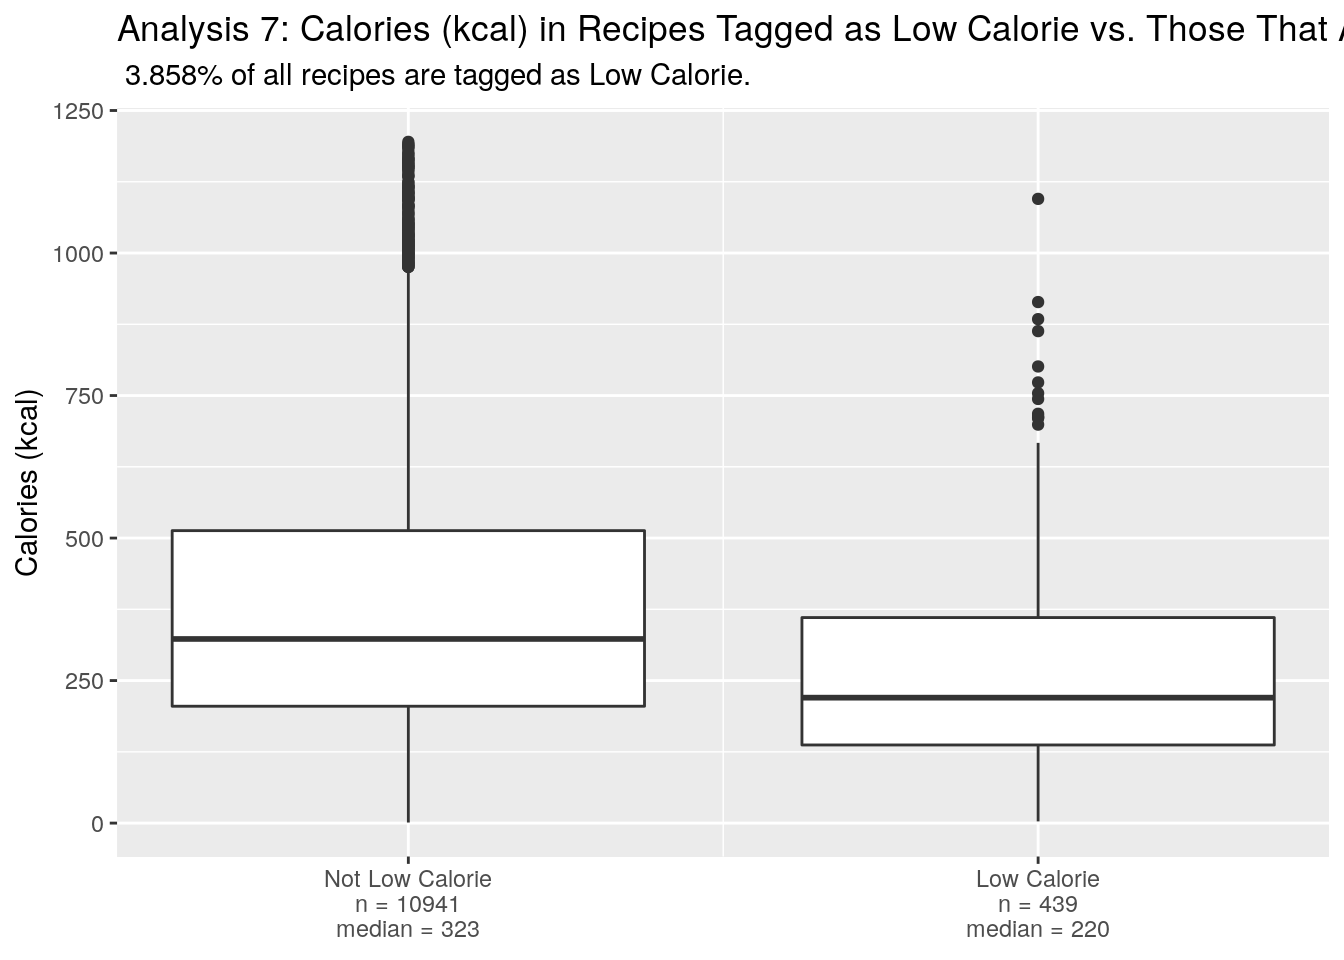 low_calorie_boxplot-8.png